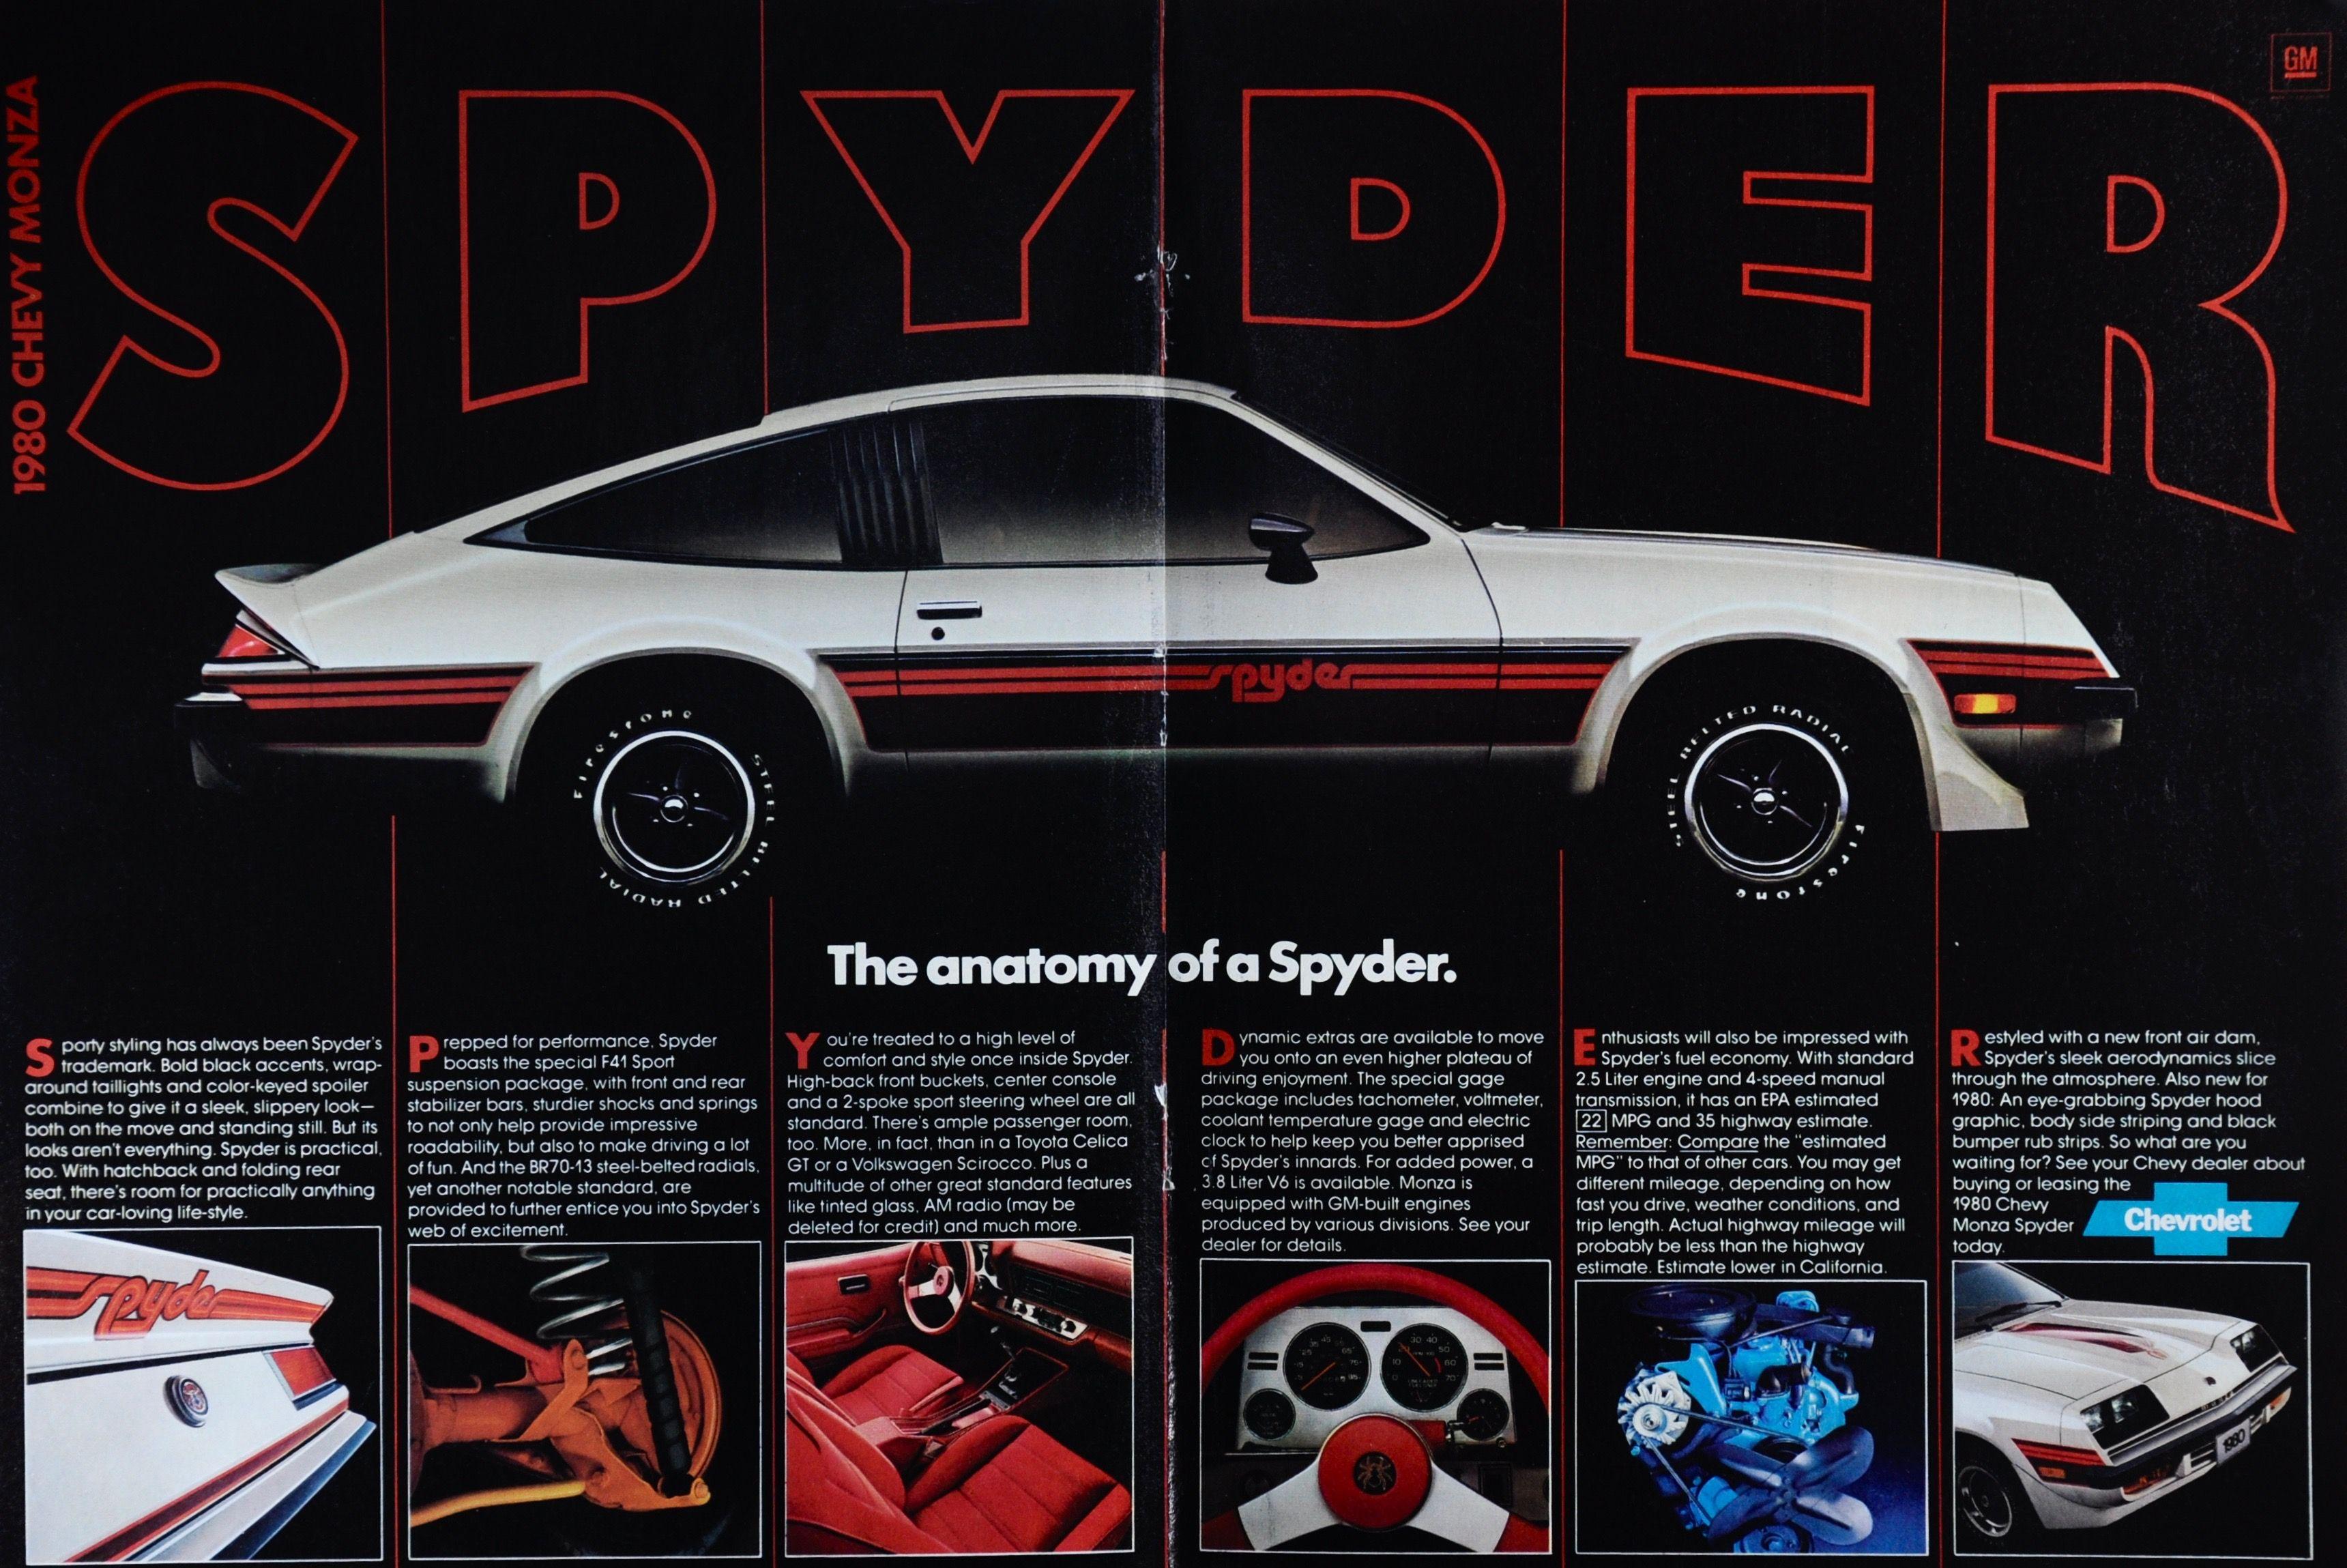 1980 Chevy Monza Spyder In 2020 Chevrolet Spyder Monza